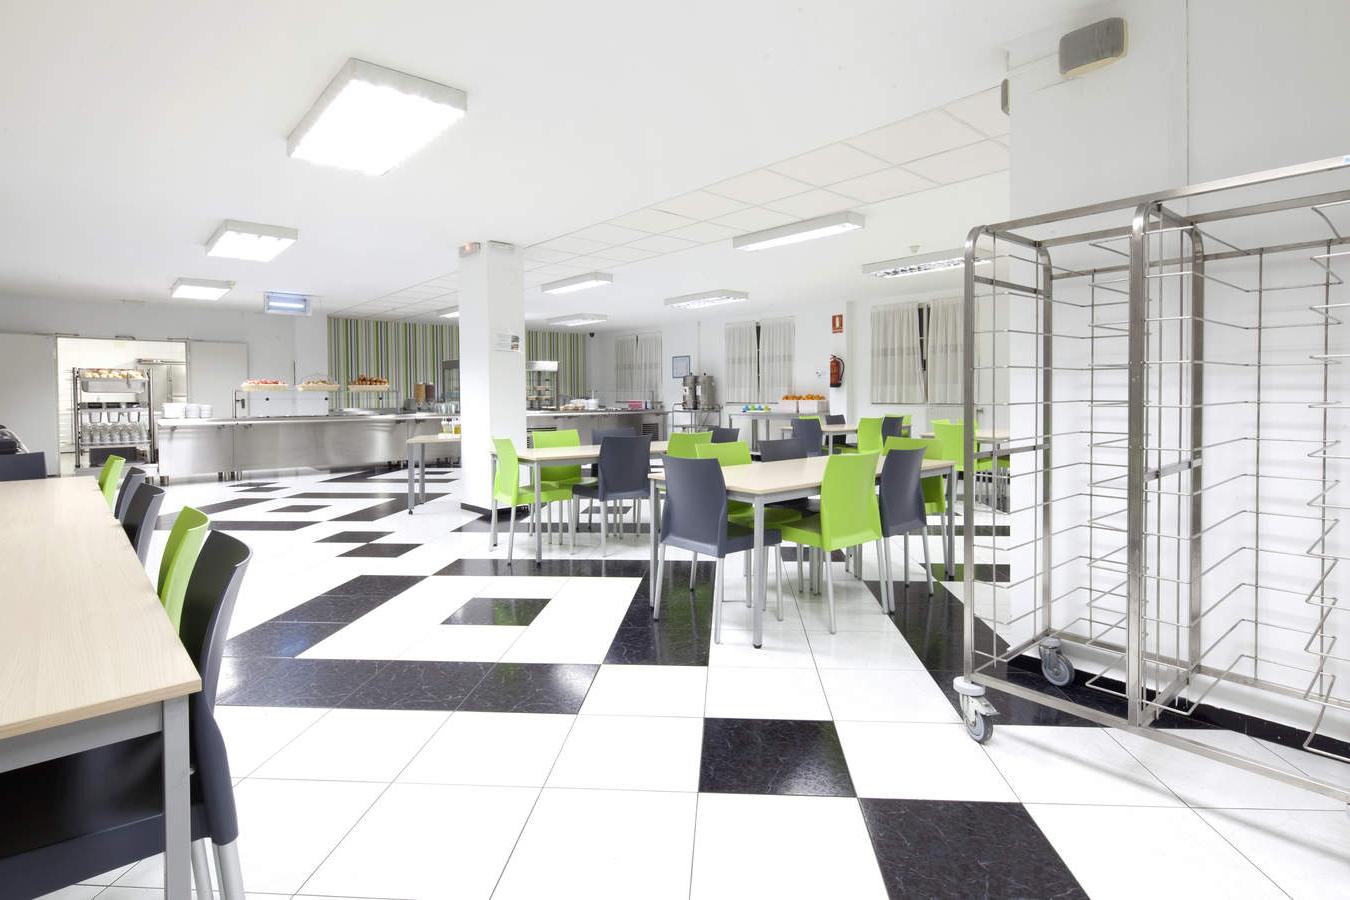 Sofas Coruña O2d5 24 Rúa Polvorà N A Coruà A Spain 2582 Student Mundial